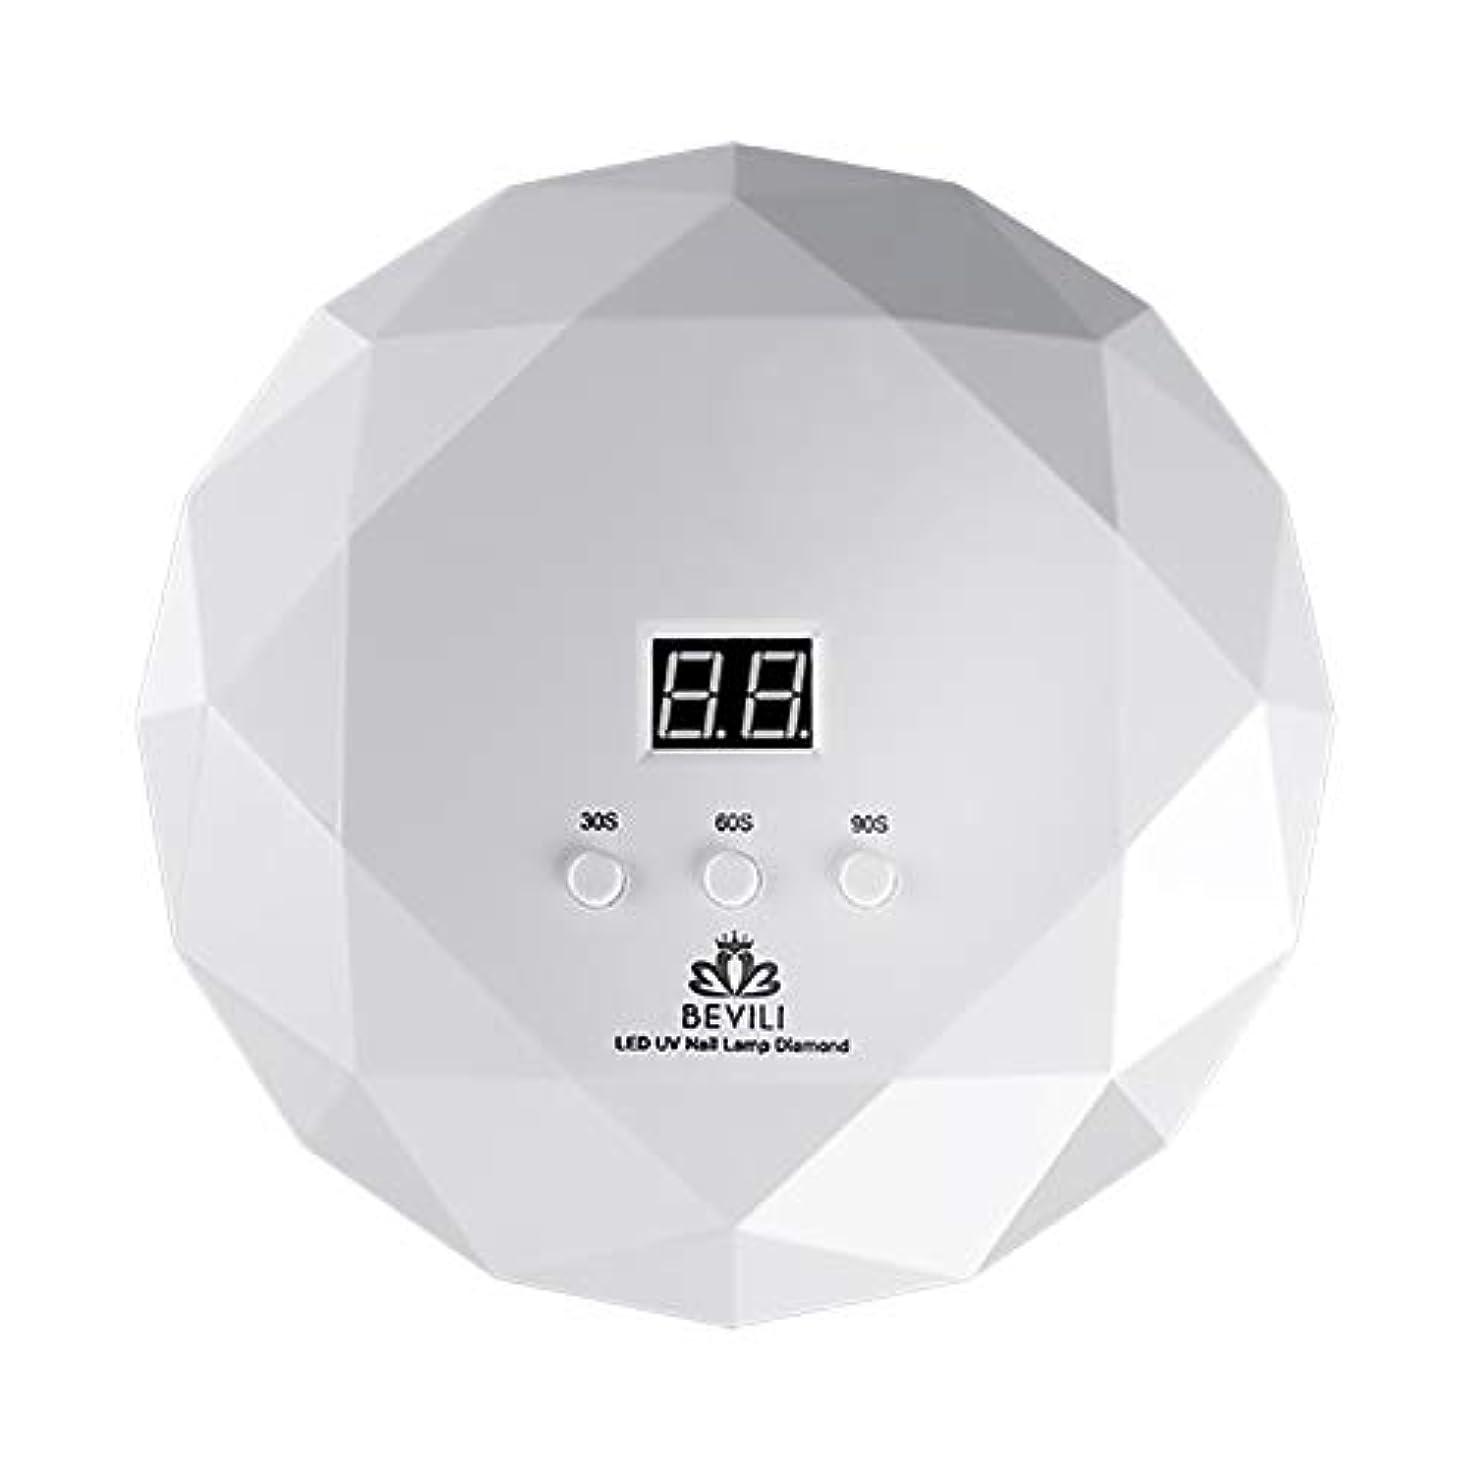 スツール不平を言う食事LITI LEDネイルドライヤー UVネイルライト 36Wハイパワー 自動センサー 3段階タイマー設定 高速硬化ジェルネイルライト UVとLEDダブルライト肌をケア ジェルネイル用 ホワイト